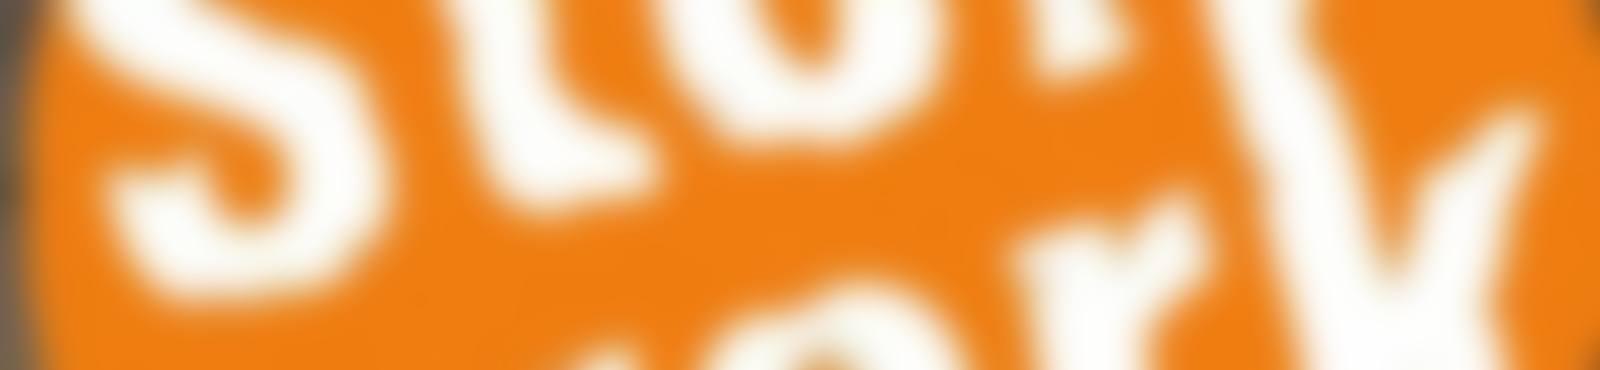 Blurred 1497775 479008028870934 587288430 n